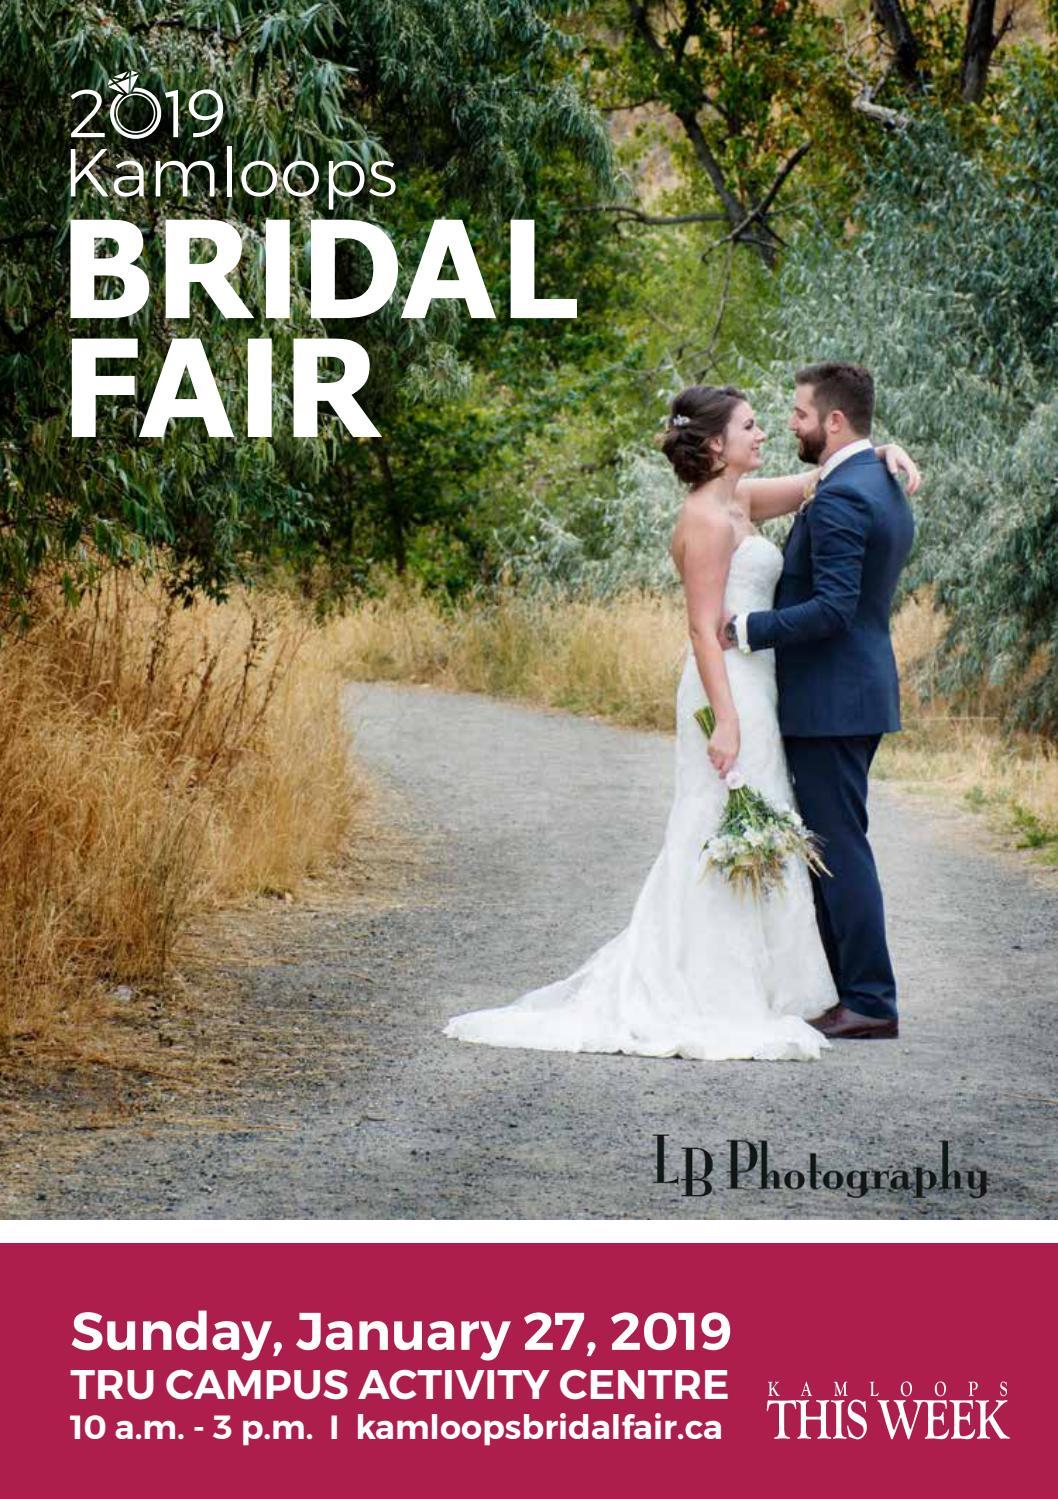 2019 Kamloops Bridal Fair By Kamloopsthisweek Issuu